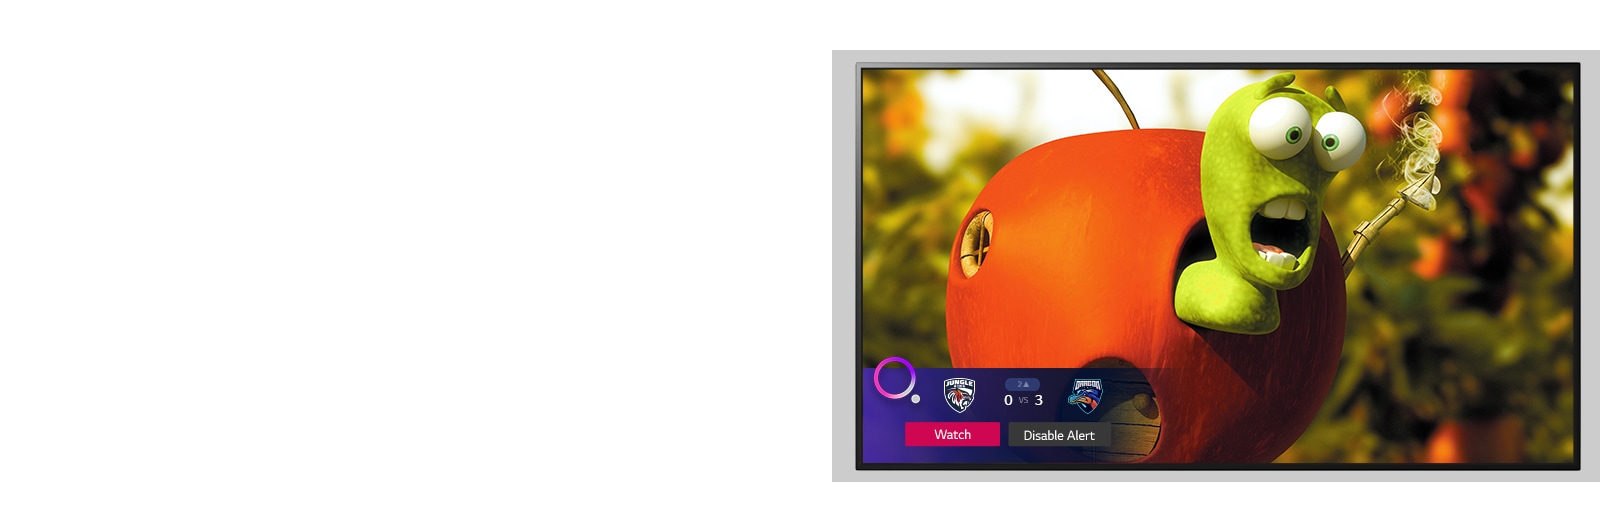 LG 43UN7190PTA Sports Alert